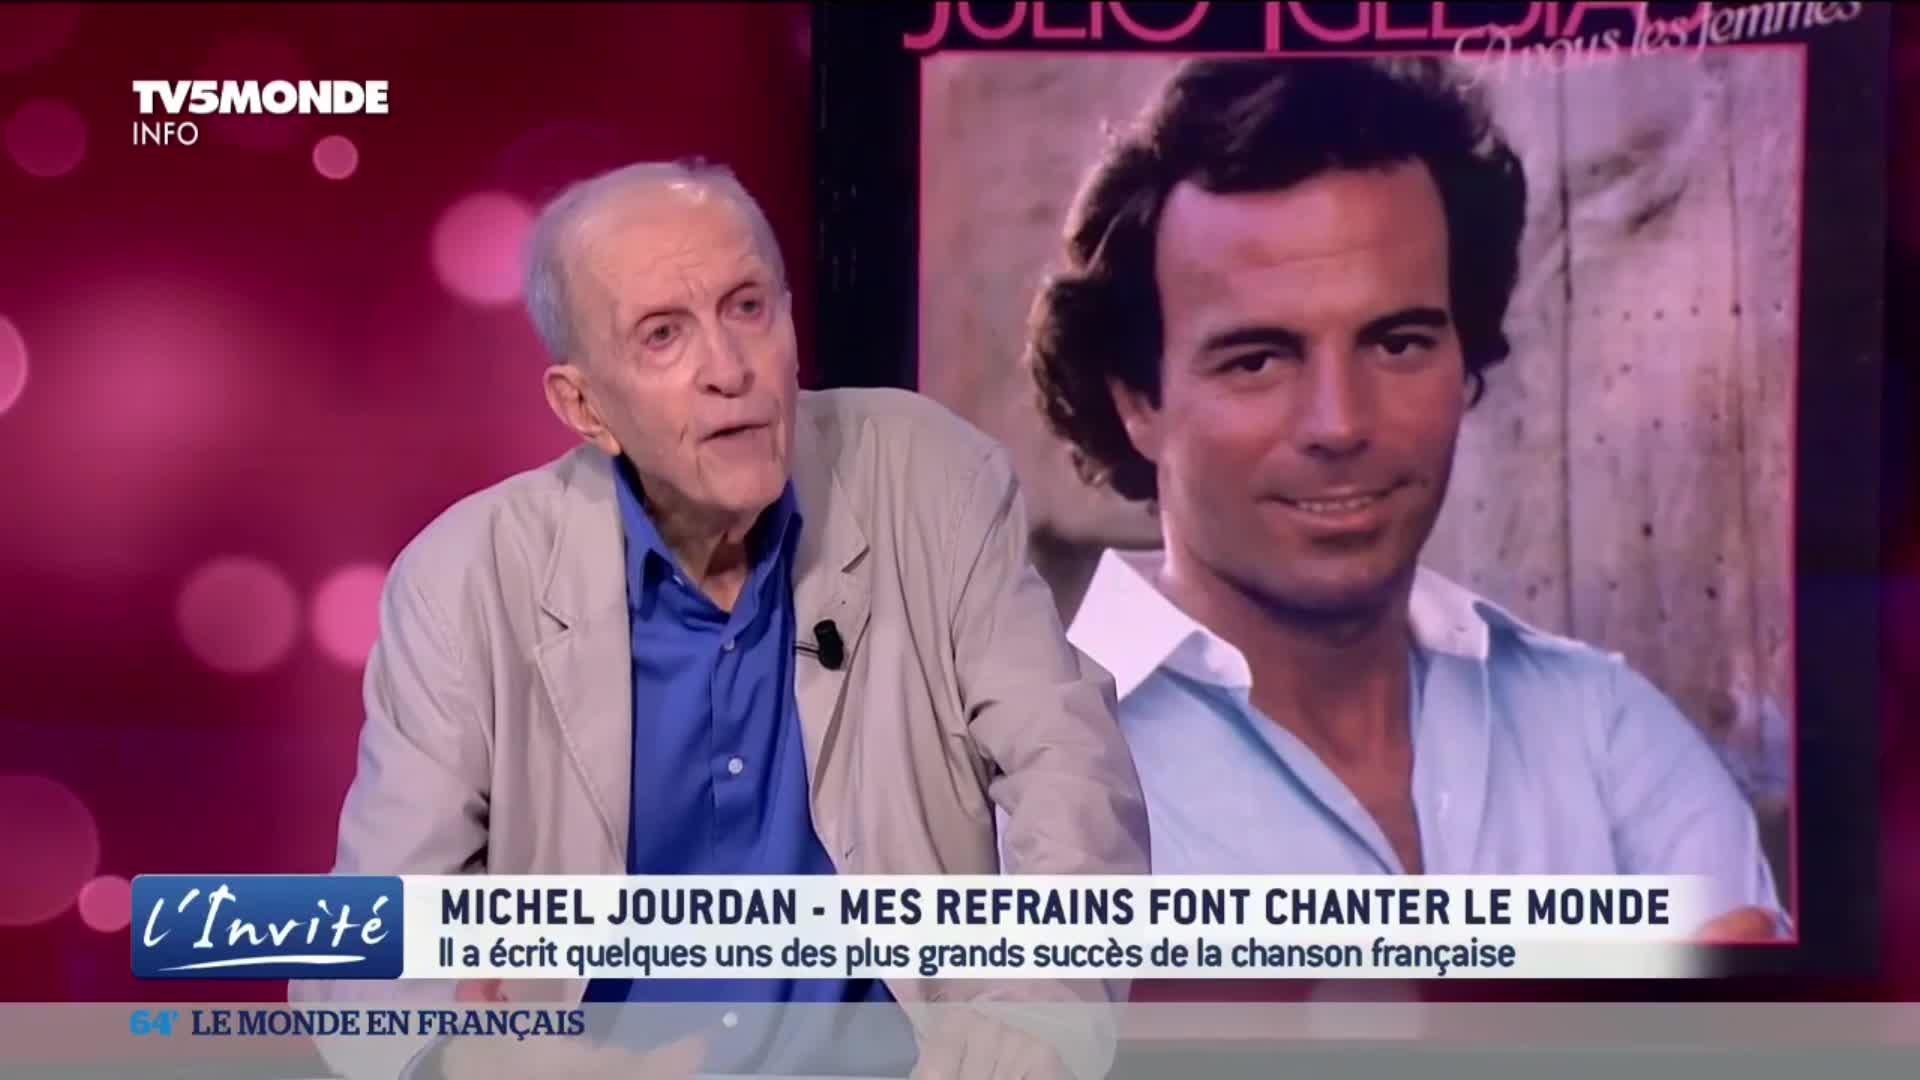 Michel Jourdan, le parolier qui fait chanter le monde